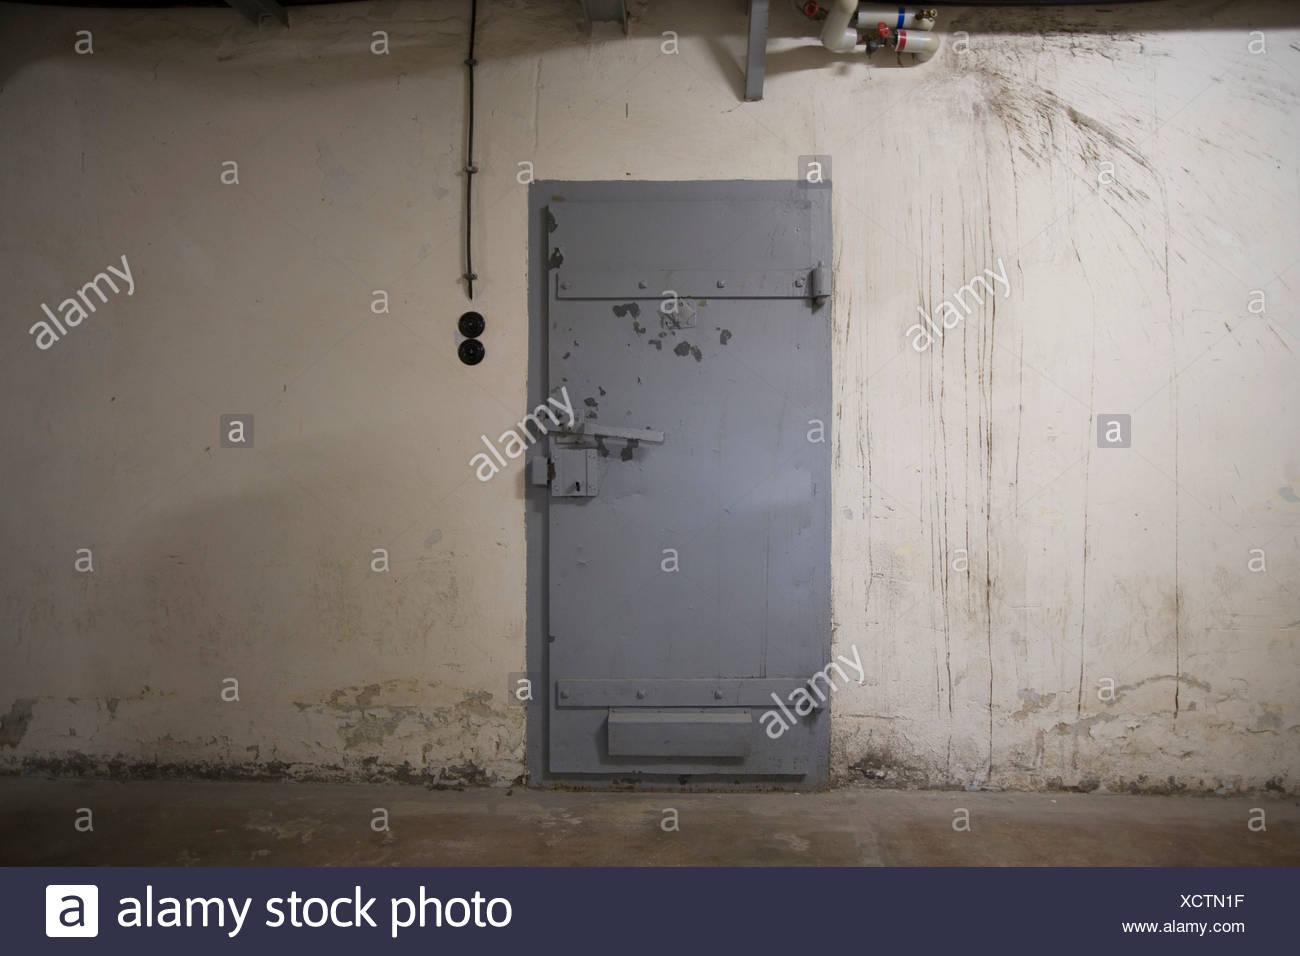 Gedenkstätte Berlin-Hohenschönhausen, ehemalige Gefängnis des DDR Geheimdienstes, gesperrt Zelle Tür, Berlin, Deutschland, Europa Stockbild